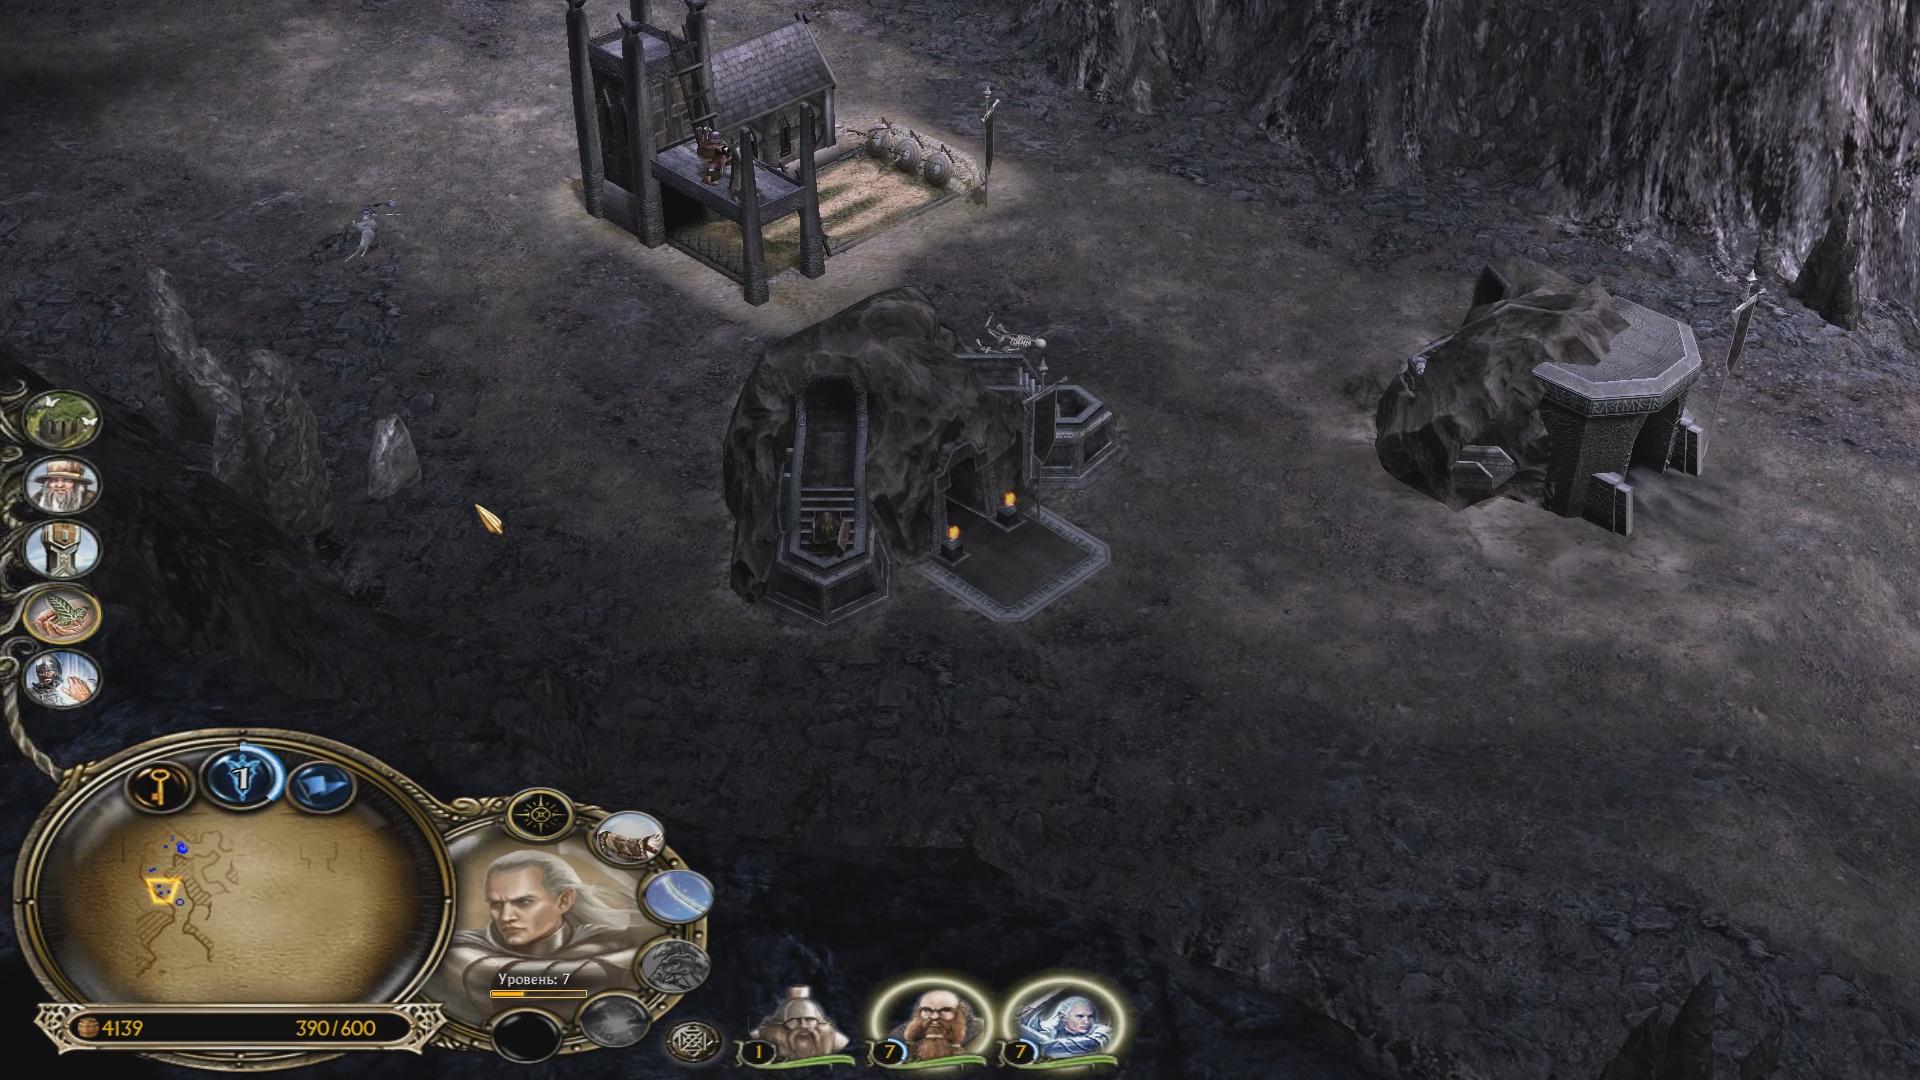 Ретроспективный обзор The Battle for Middle-Earth II | Битва за Средиземье 2. - Изображение 11